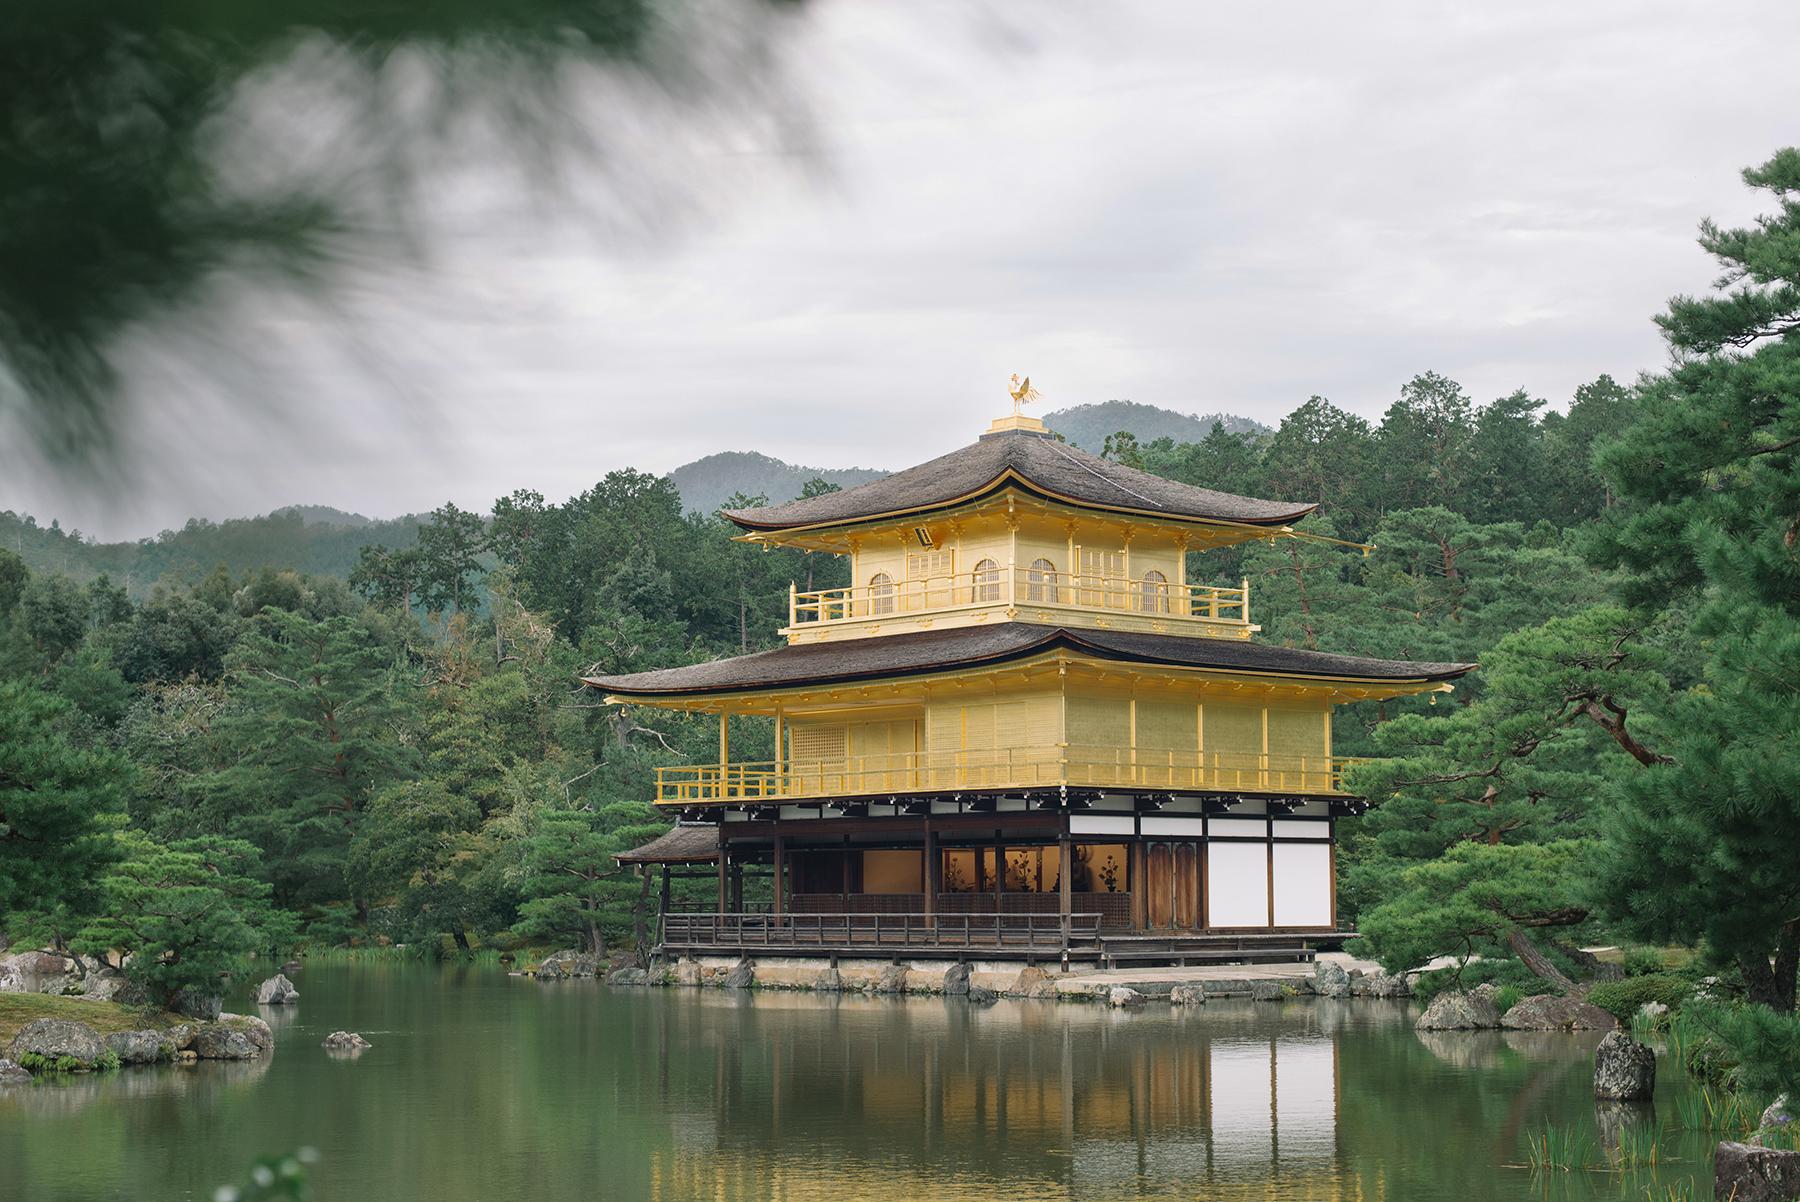 Kiyomizu dera is more beautiful in real life.